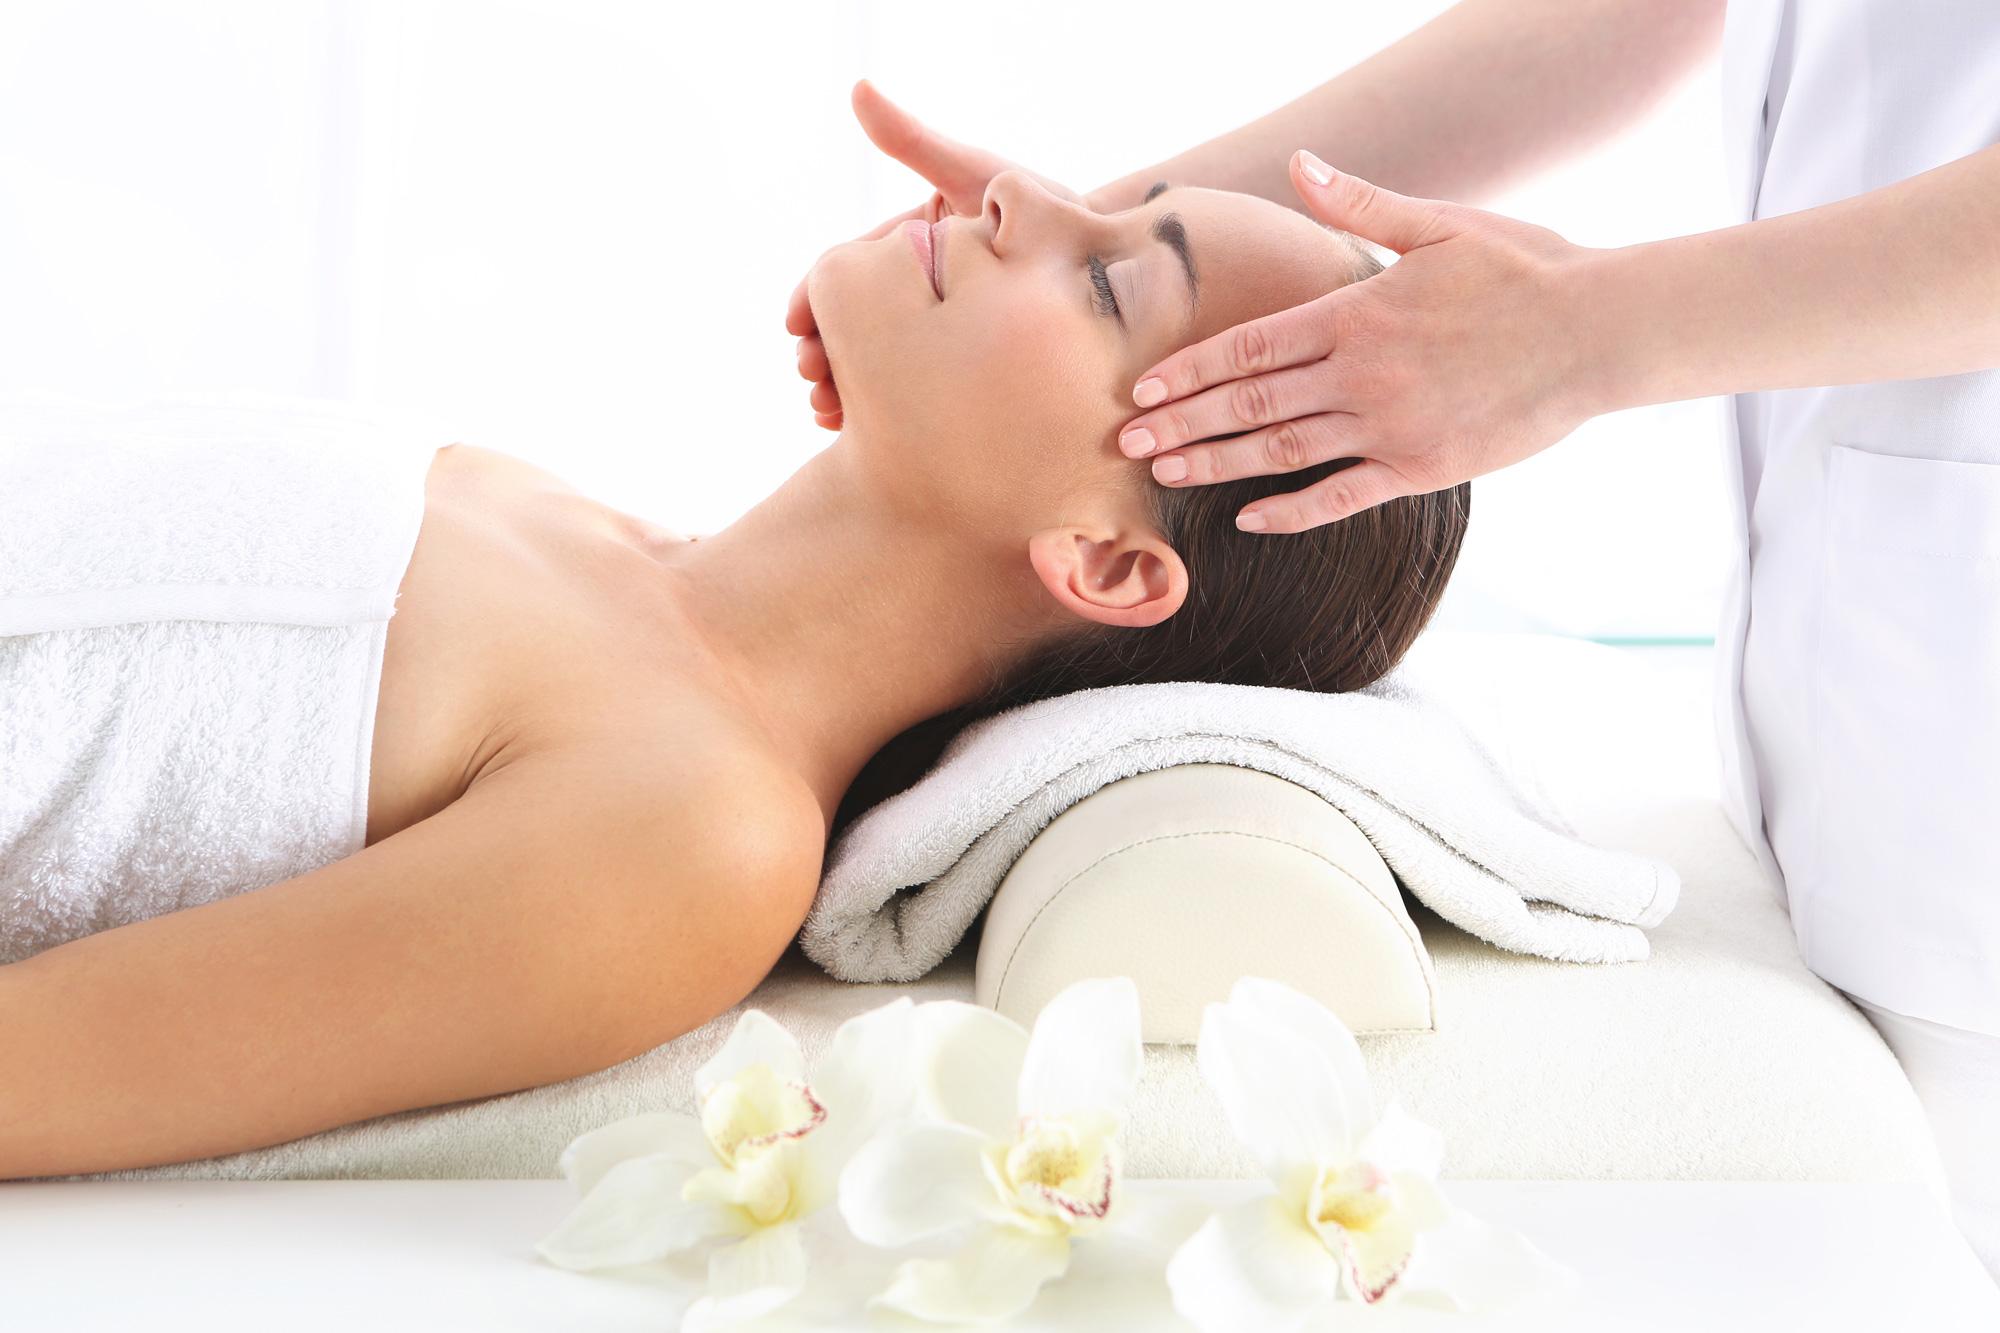 korawan-thaimassage-konstanz-frau-thai-kopf-nacken-schulter-massage-2000x1333